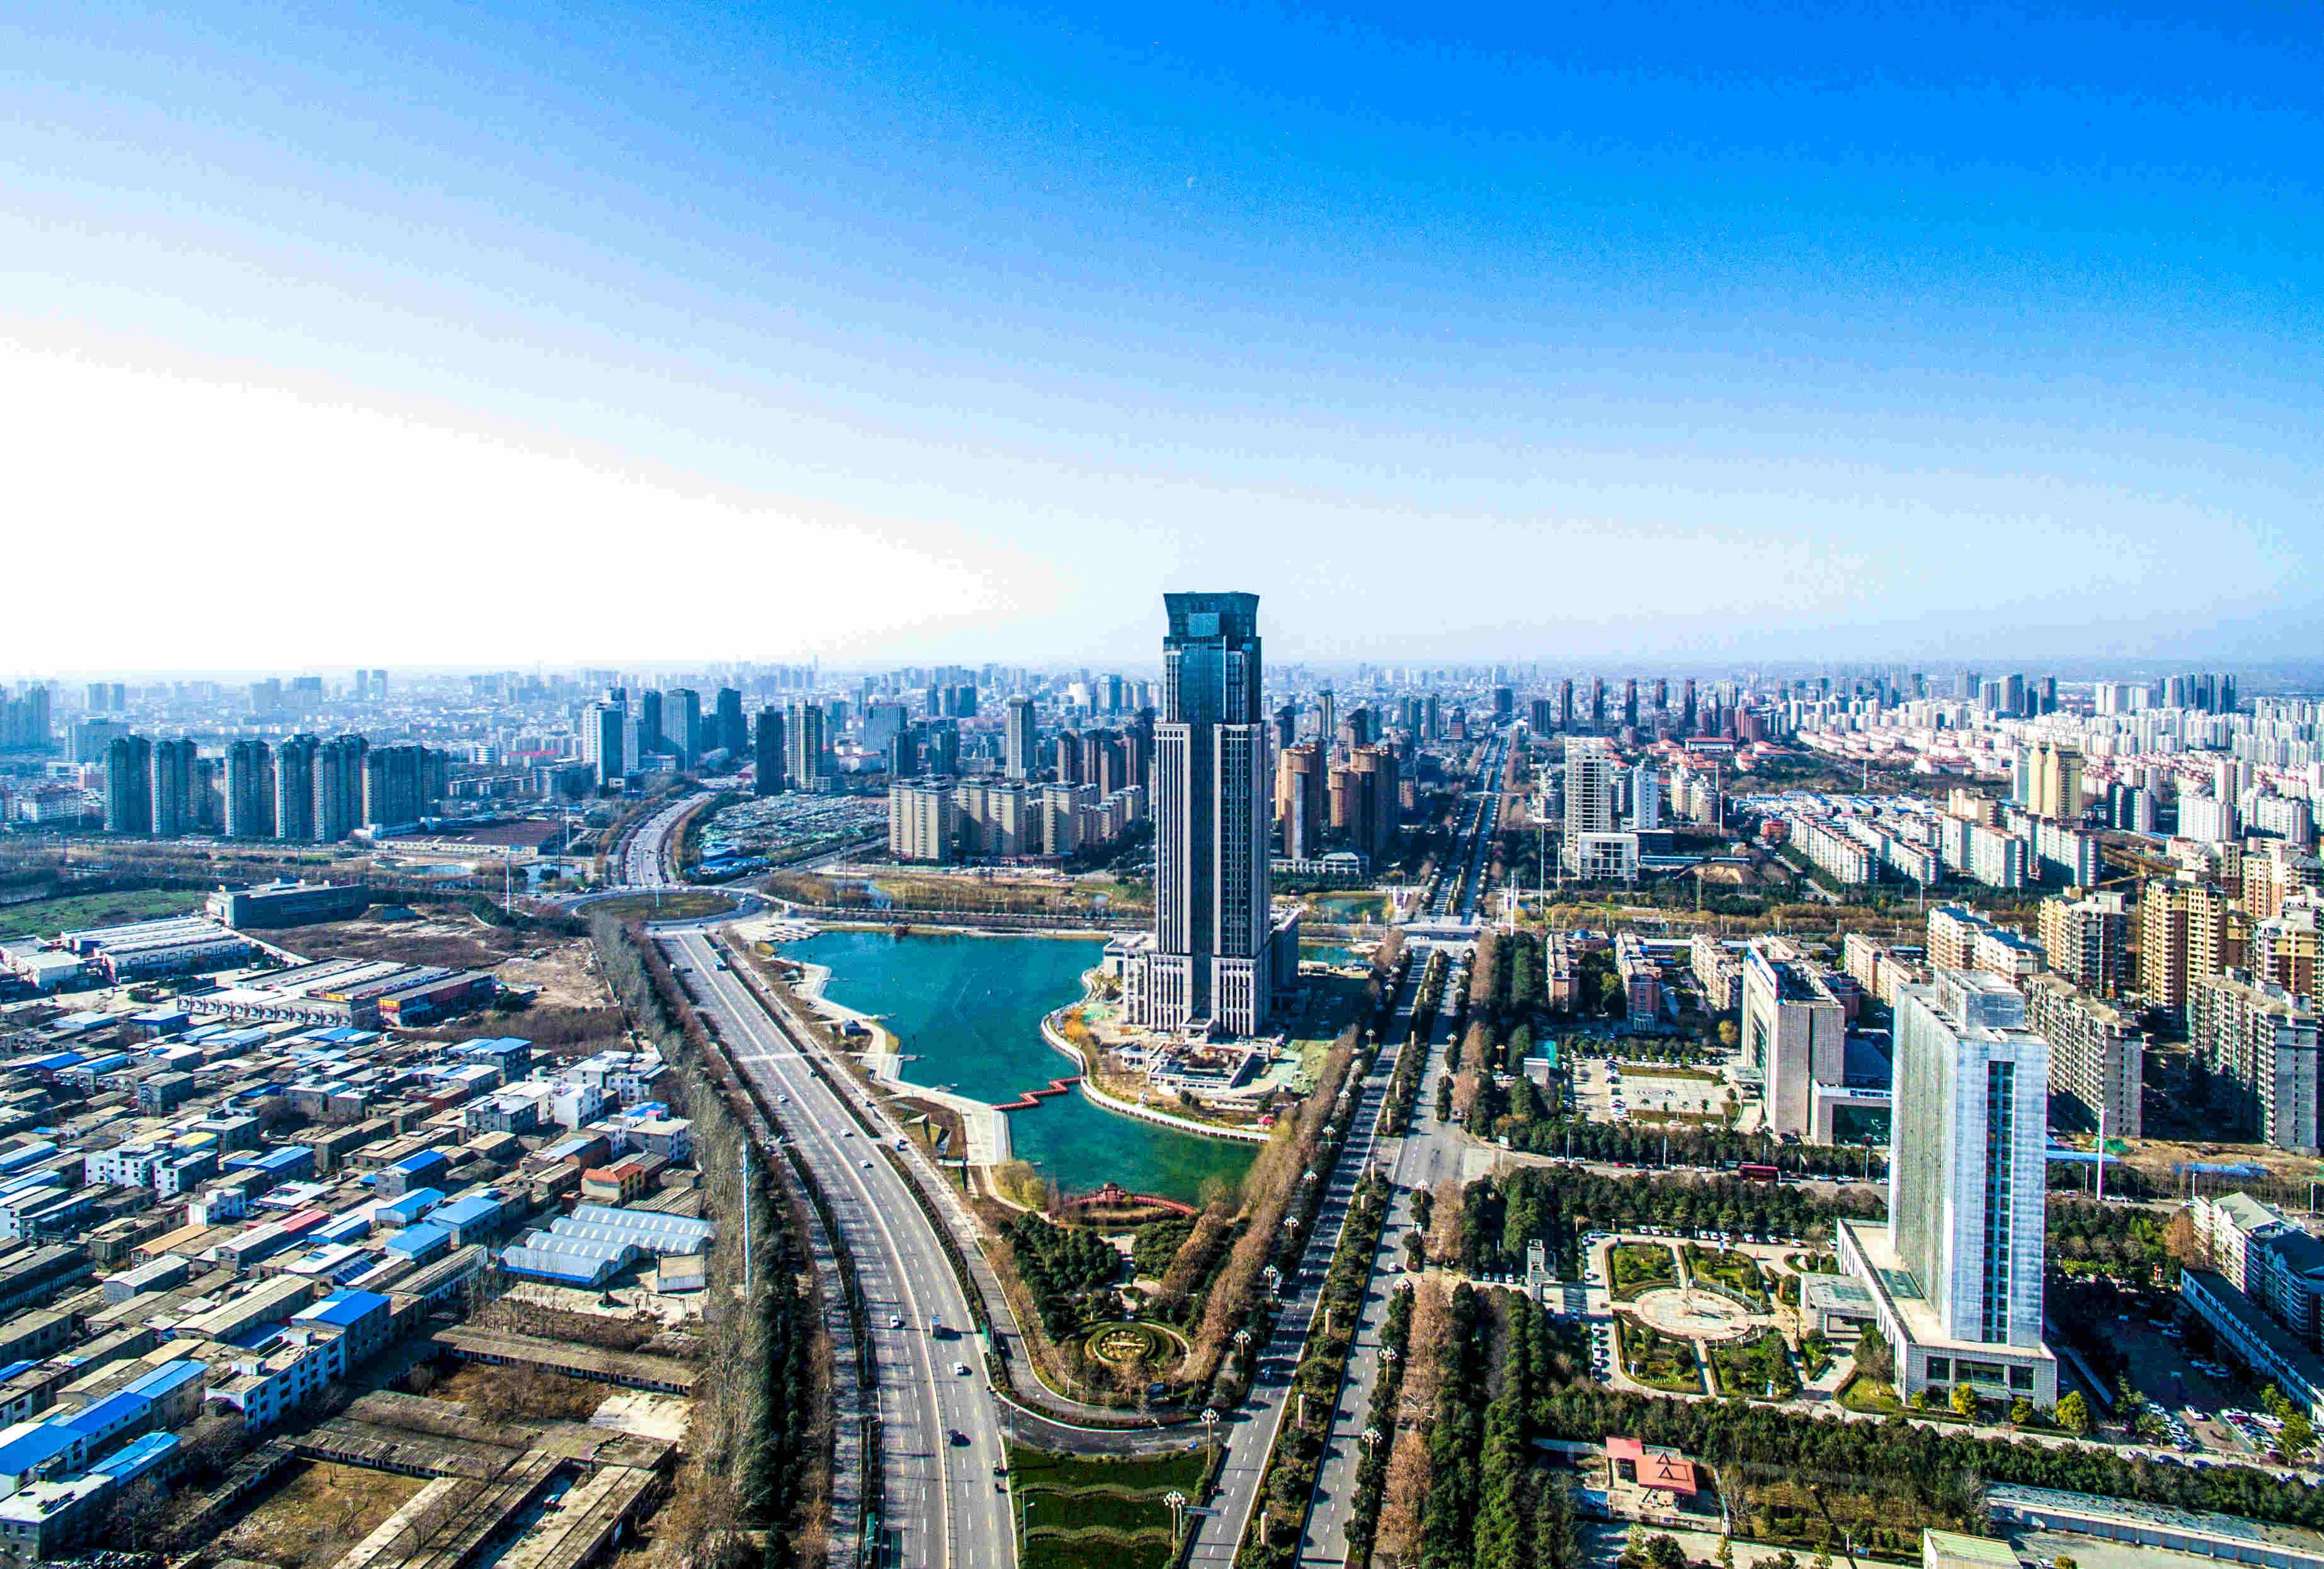 2017昌邑市经济总量_经济发展图片